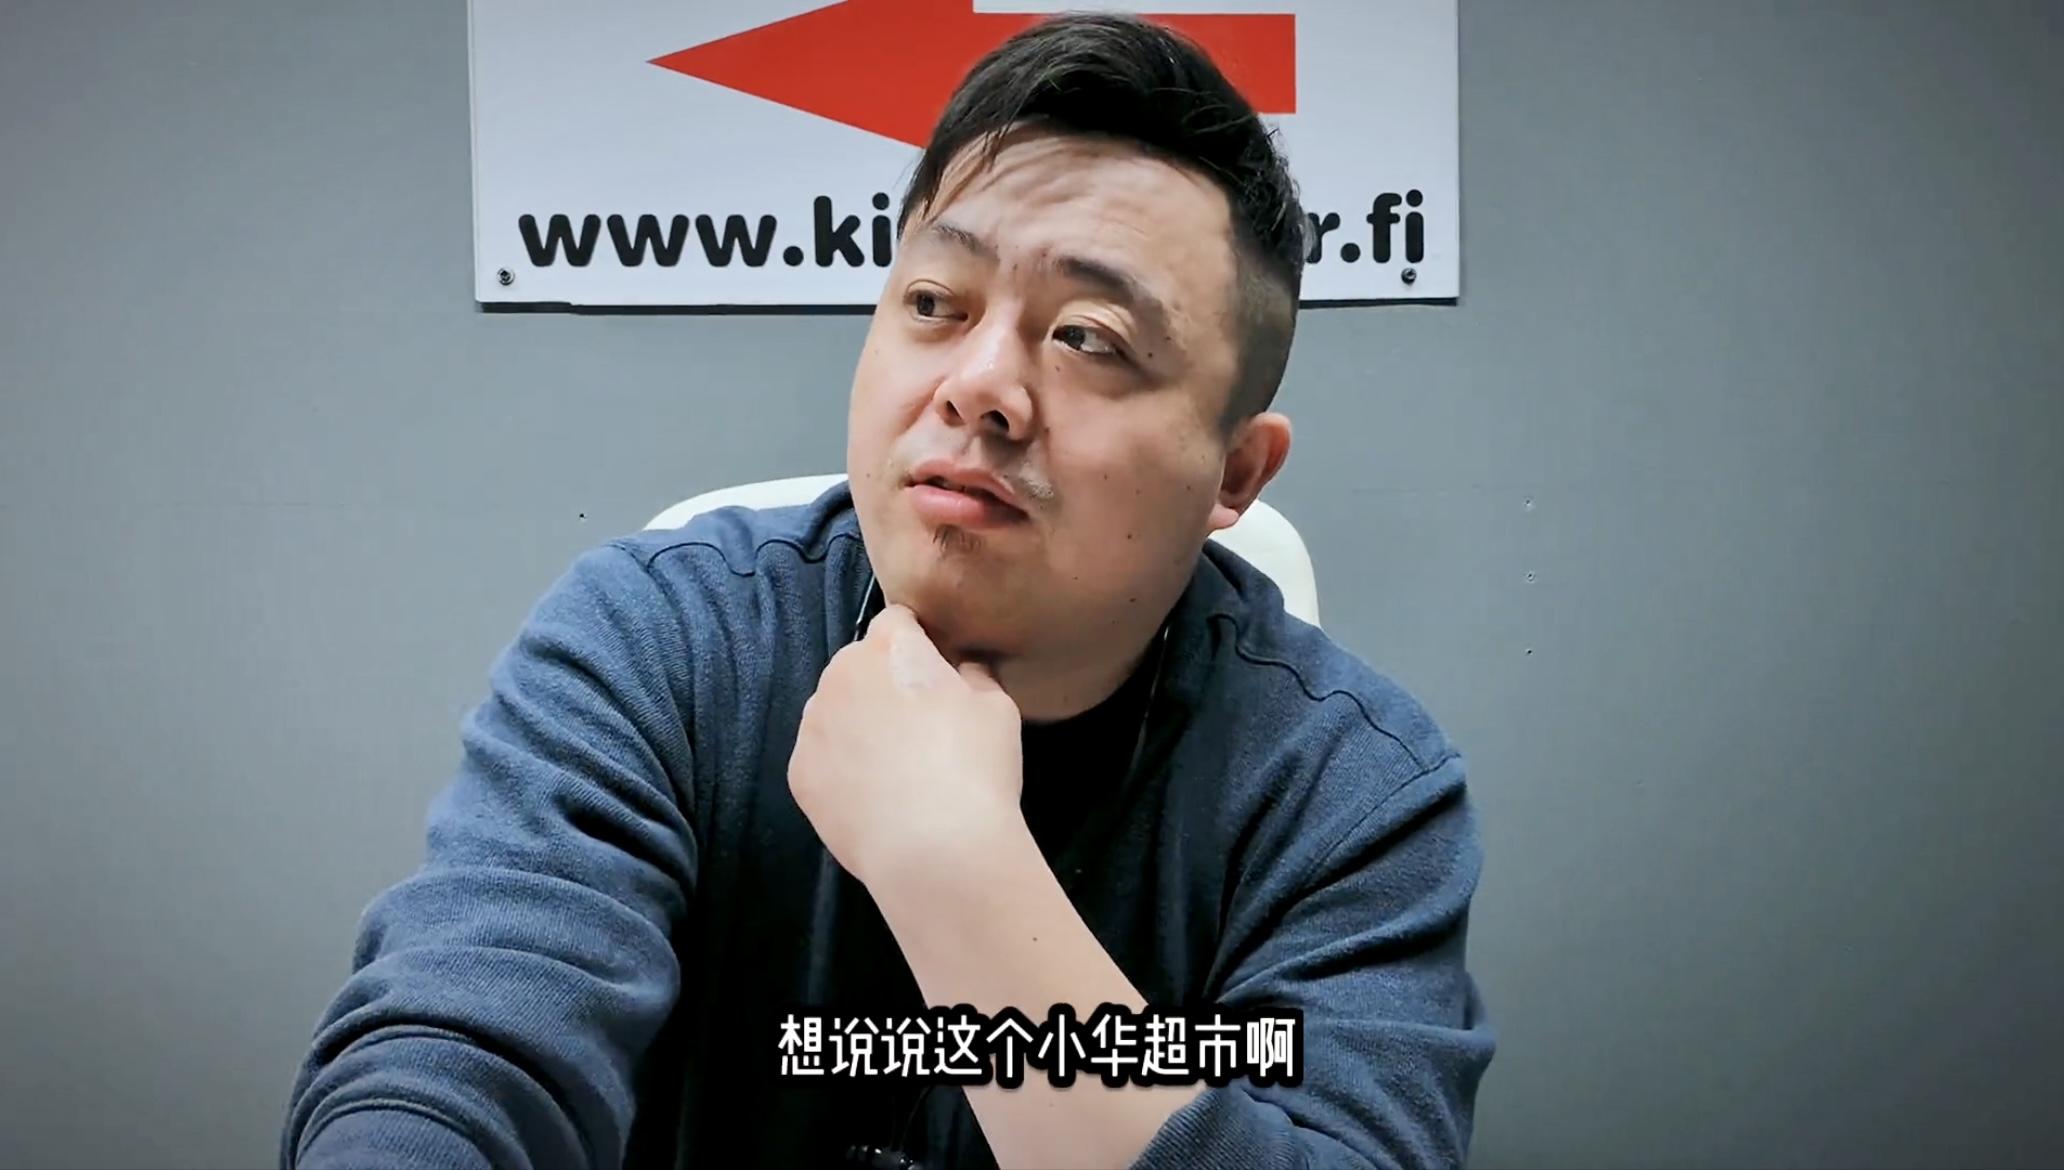 【芬兰创业家】第20期-小华超市@涛子-华超经营成功的秘诀!